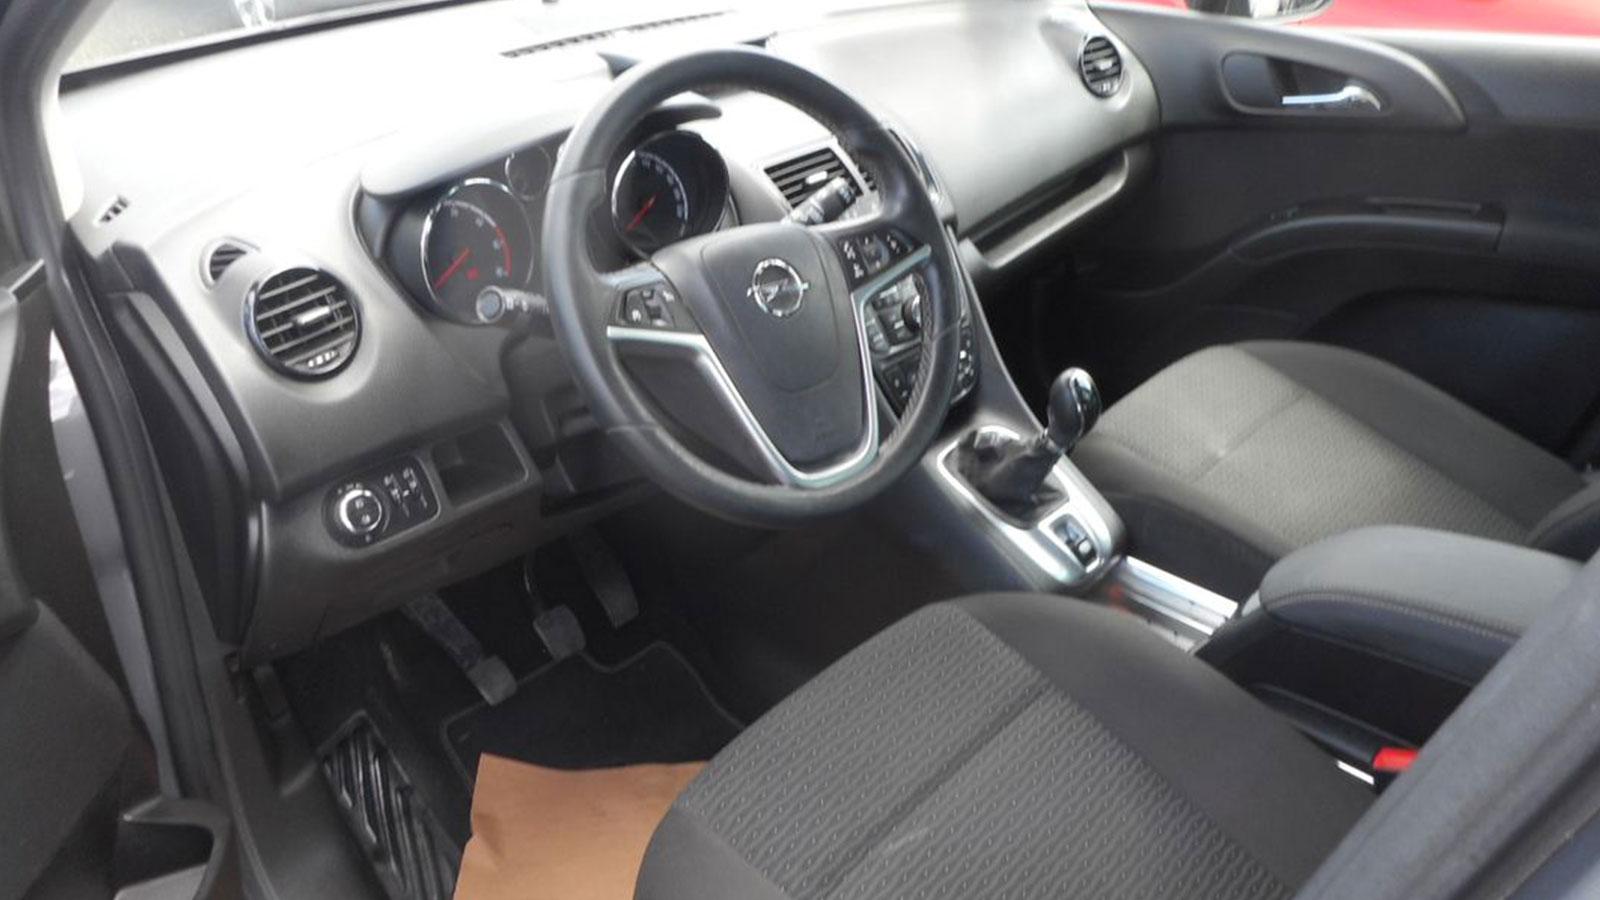 OPEL MERIVA 1.6 CDTI 95CH DRIVE full